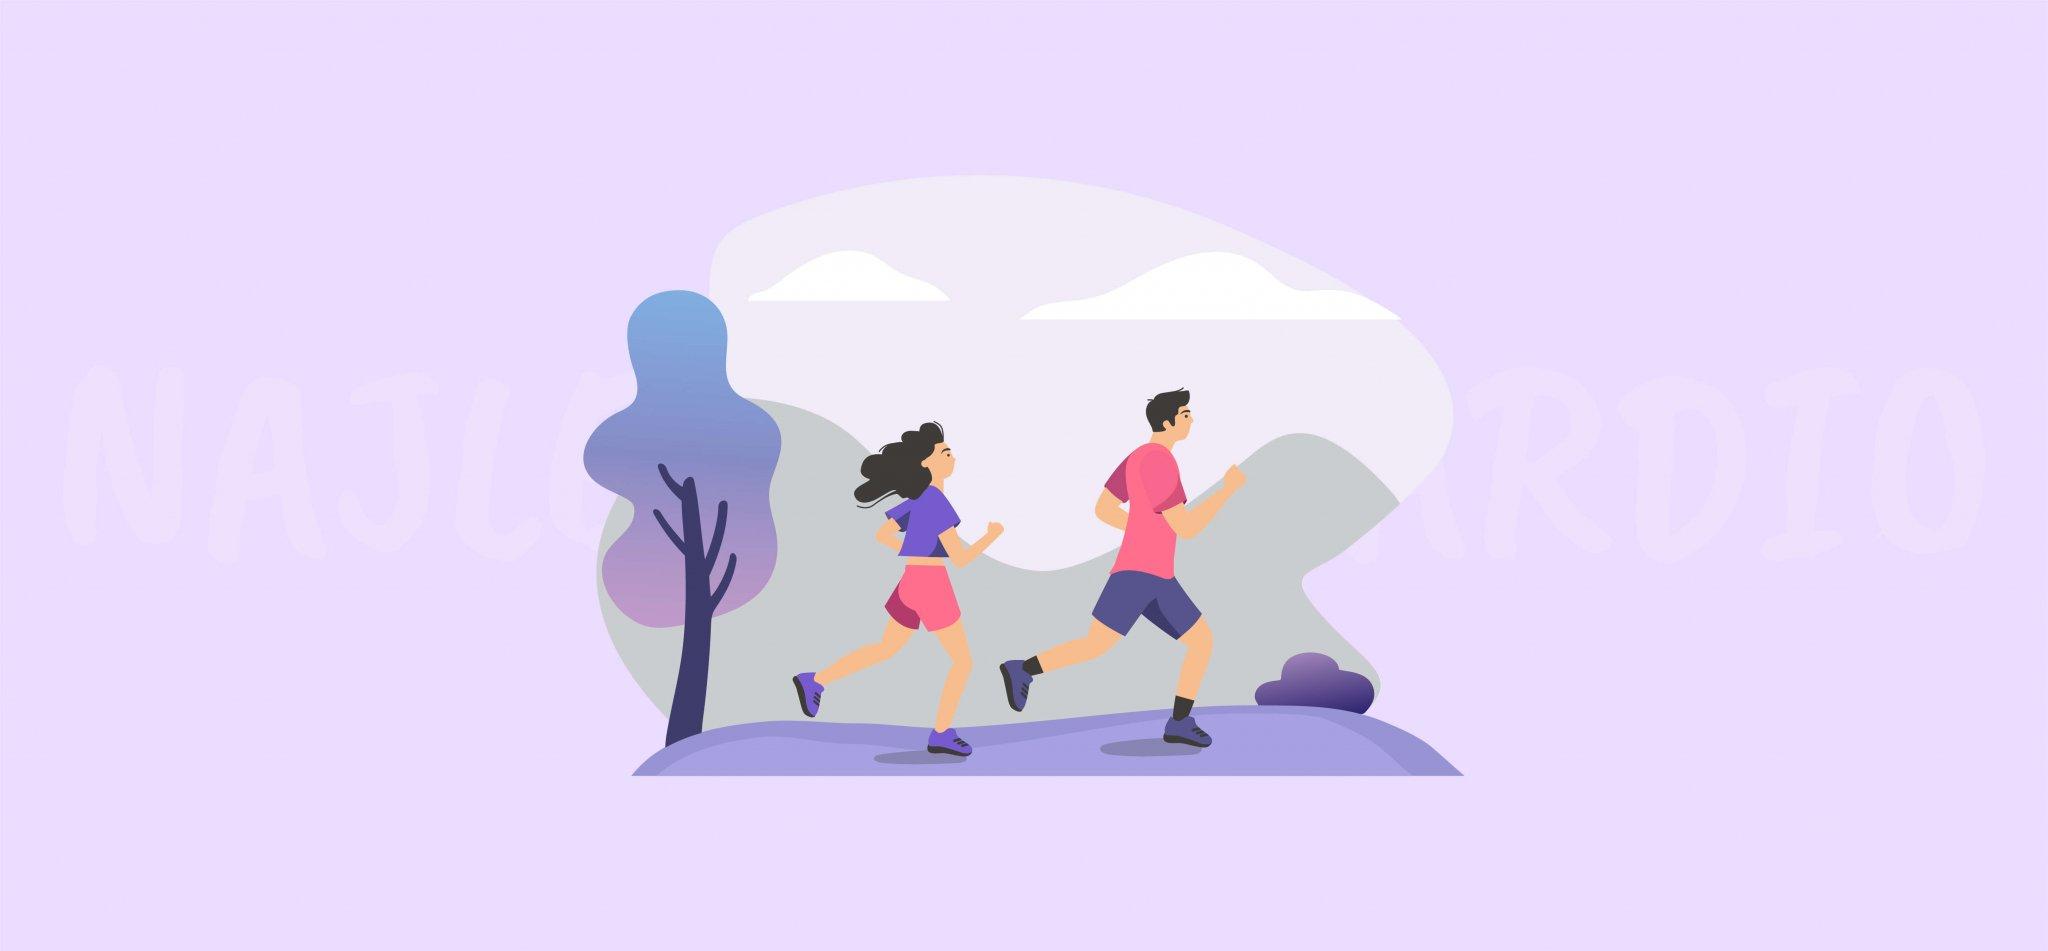 Ćwiczenia cardio – oto wszystko, co musisz o nich wiedzieć